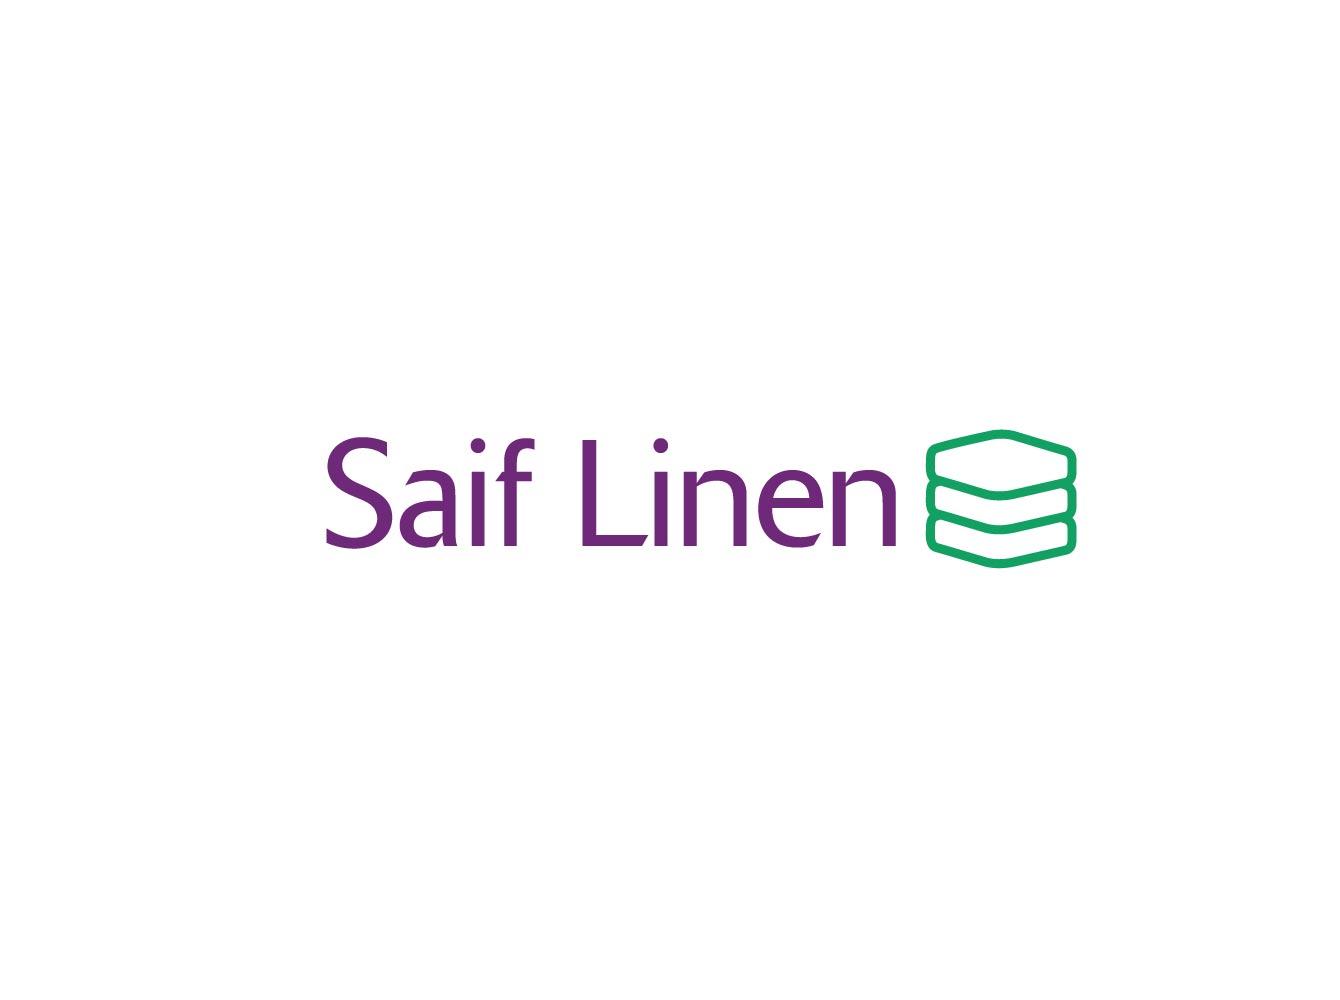 Saif-linen-logo-1